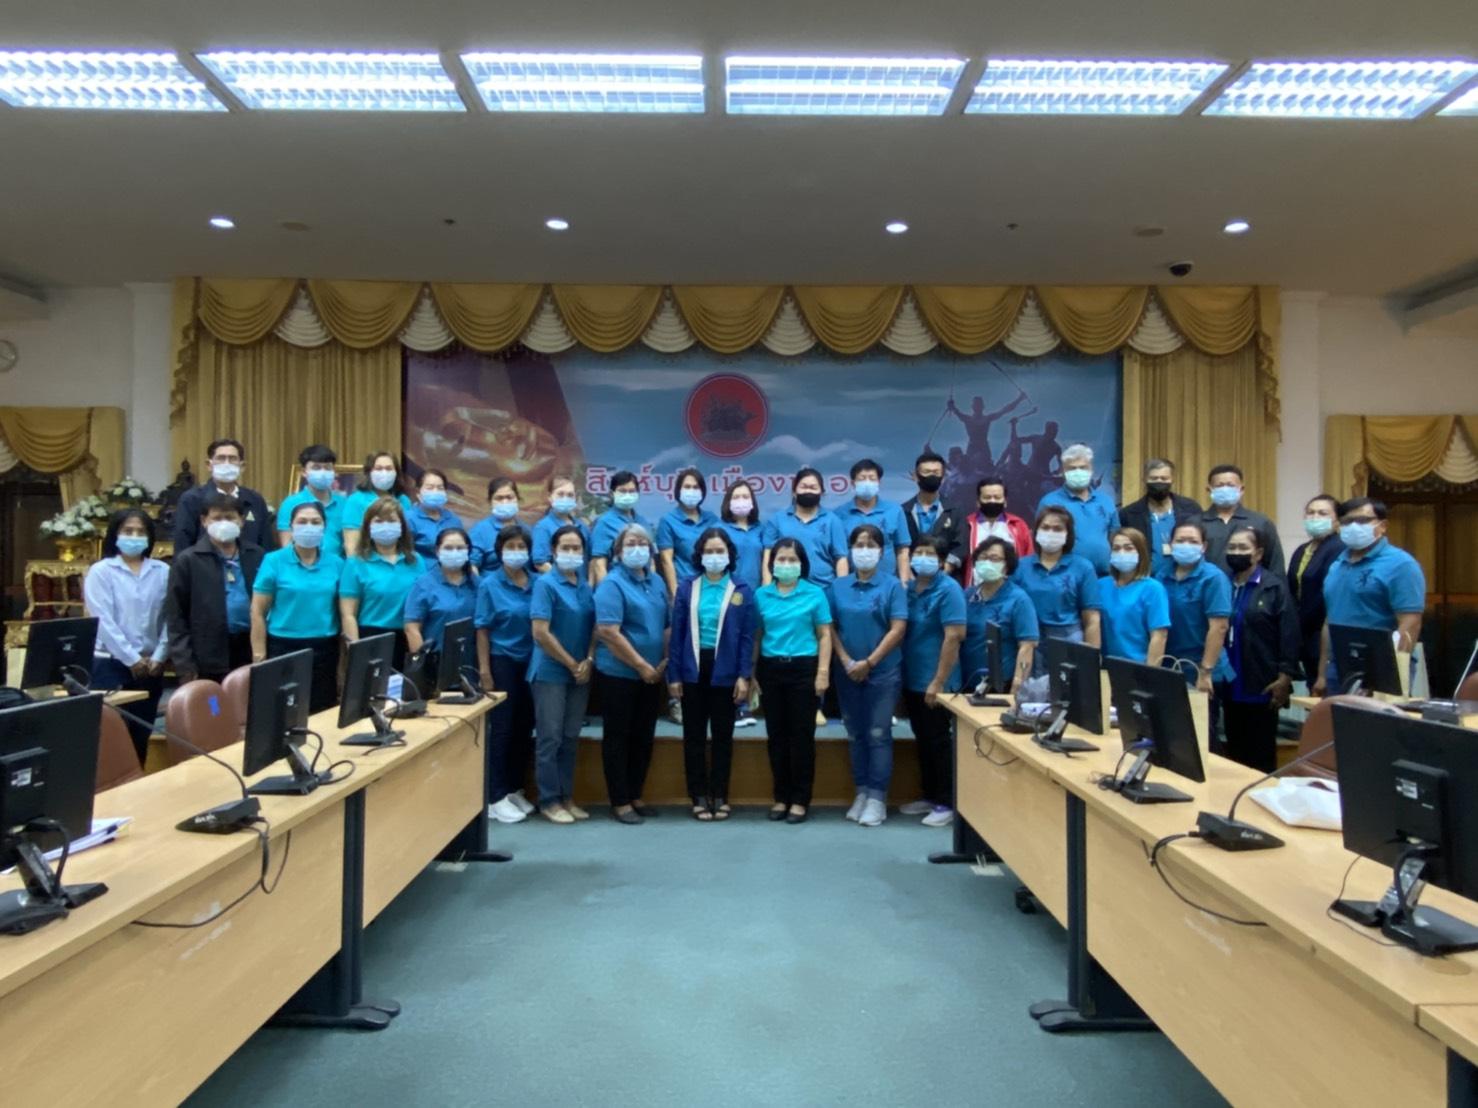 สำนักงานแรงงานจังหวัดสิงห์บุรี ประชุมแกนนำอาสาสมัครแรงงานจังหวัดสิงห์บุรี ครั้งที่ 2/2564